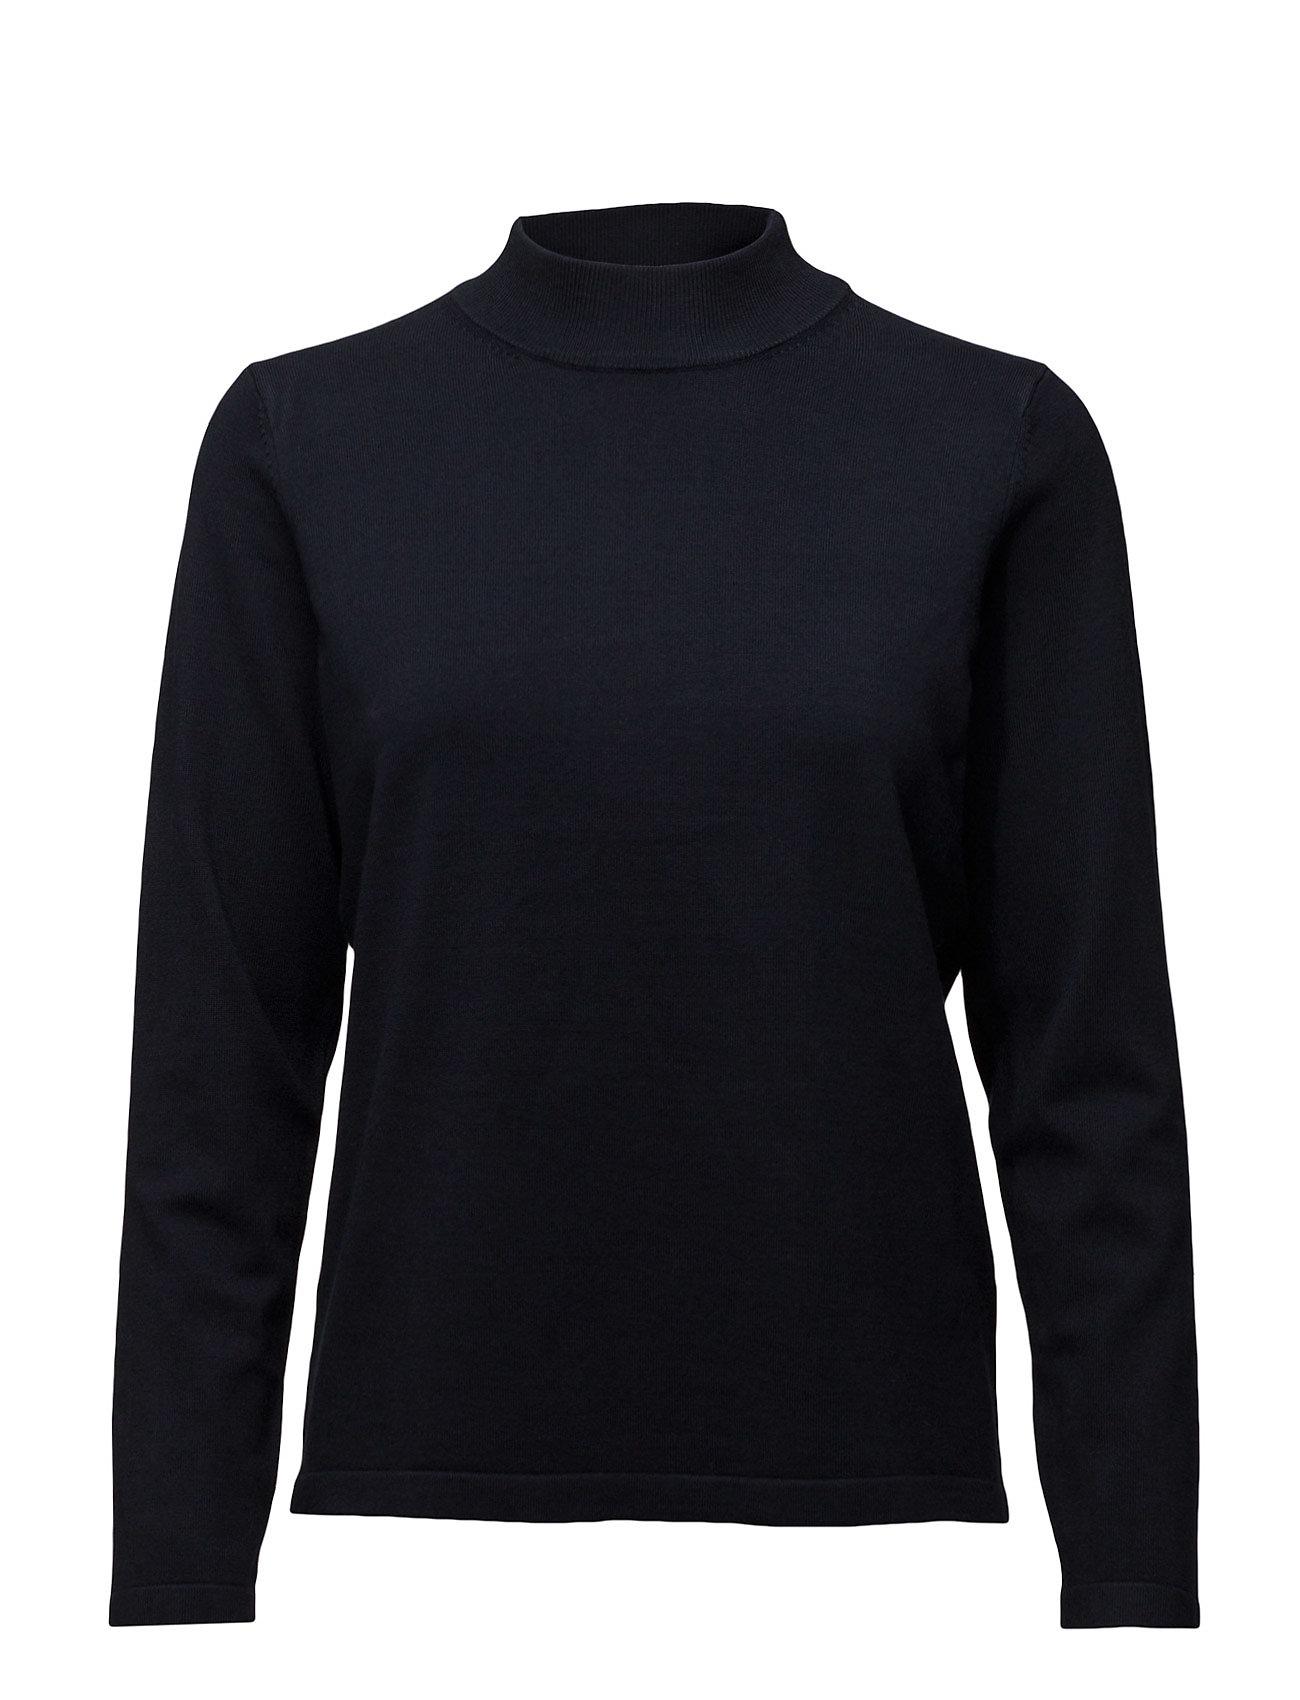 Pullover-Knit Heavy Signature Højhalsede til Damer i Marine blå